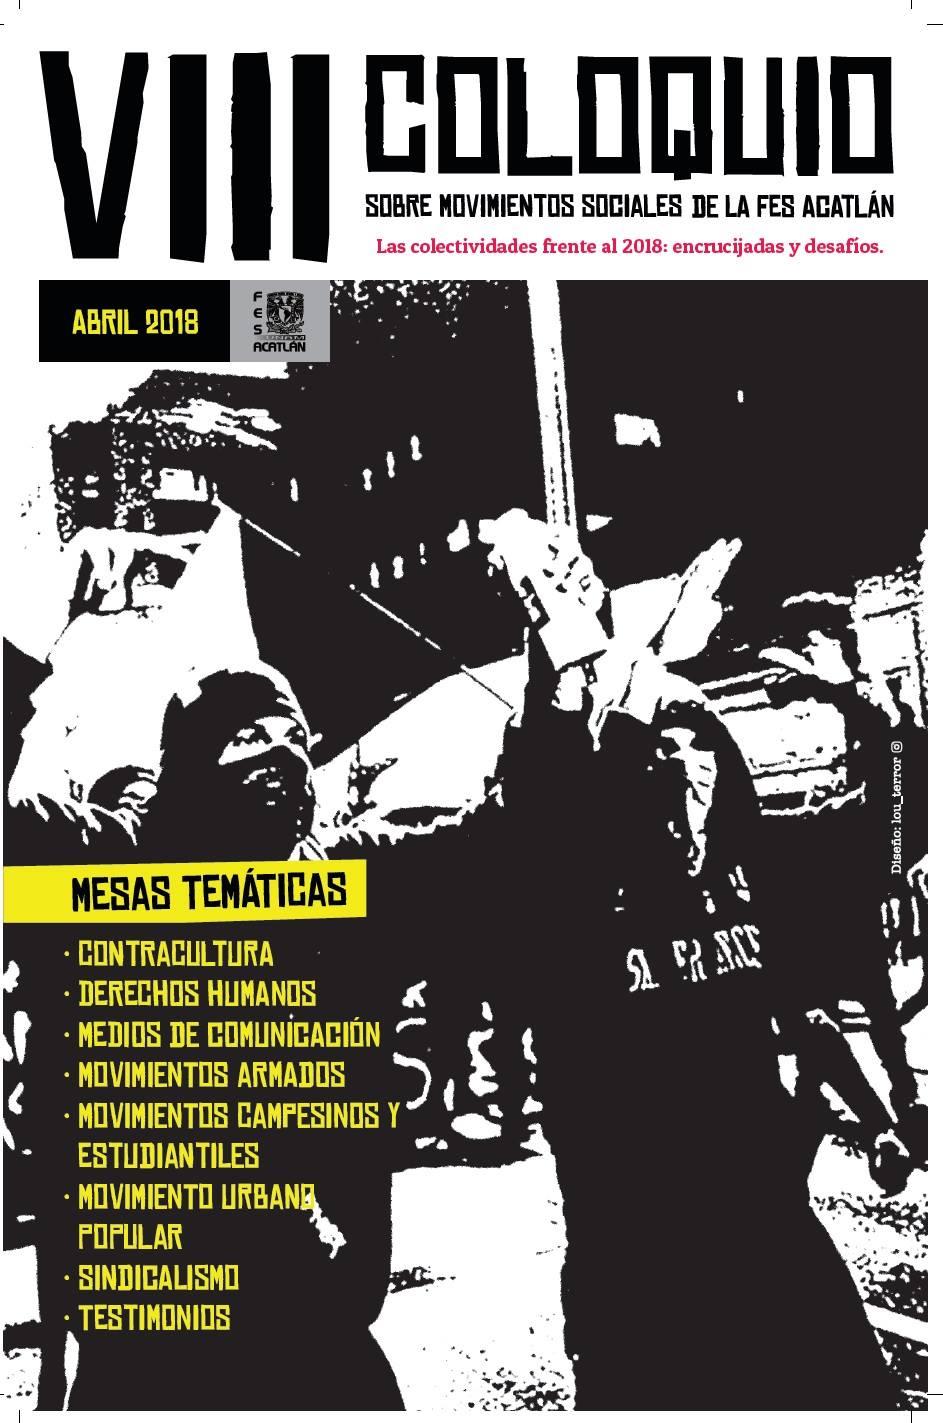 Cartel VIII Coloquio sobre Movimientos Sociales